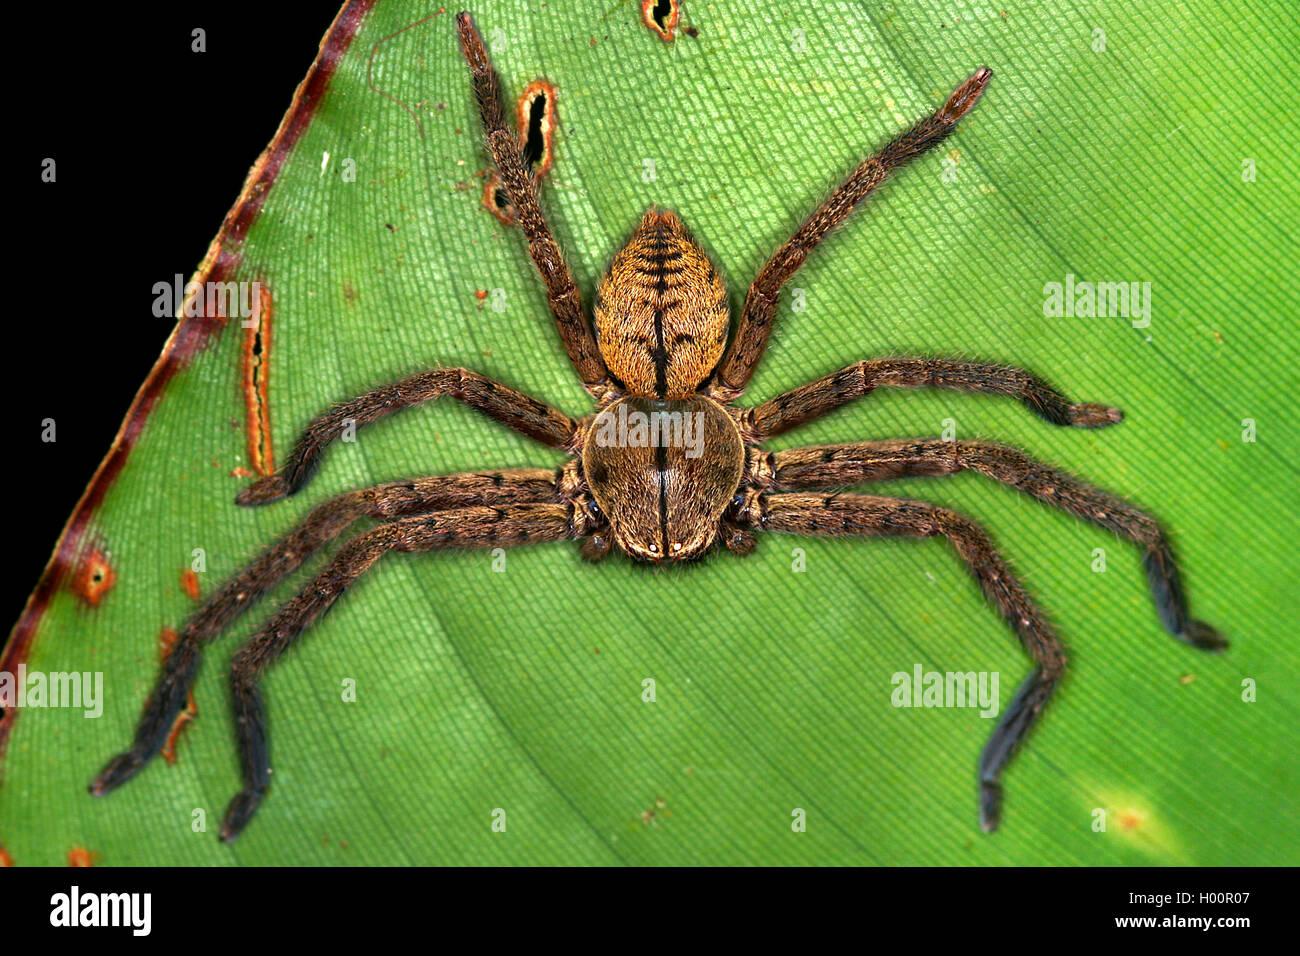 Nett Spinnen Malvorlagen Bilder - Malvorlagen Von Tieren - ngadi.info